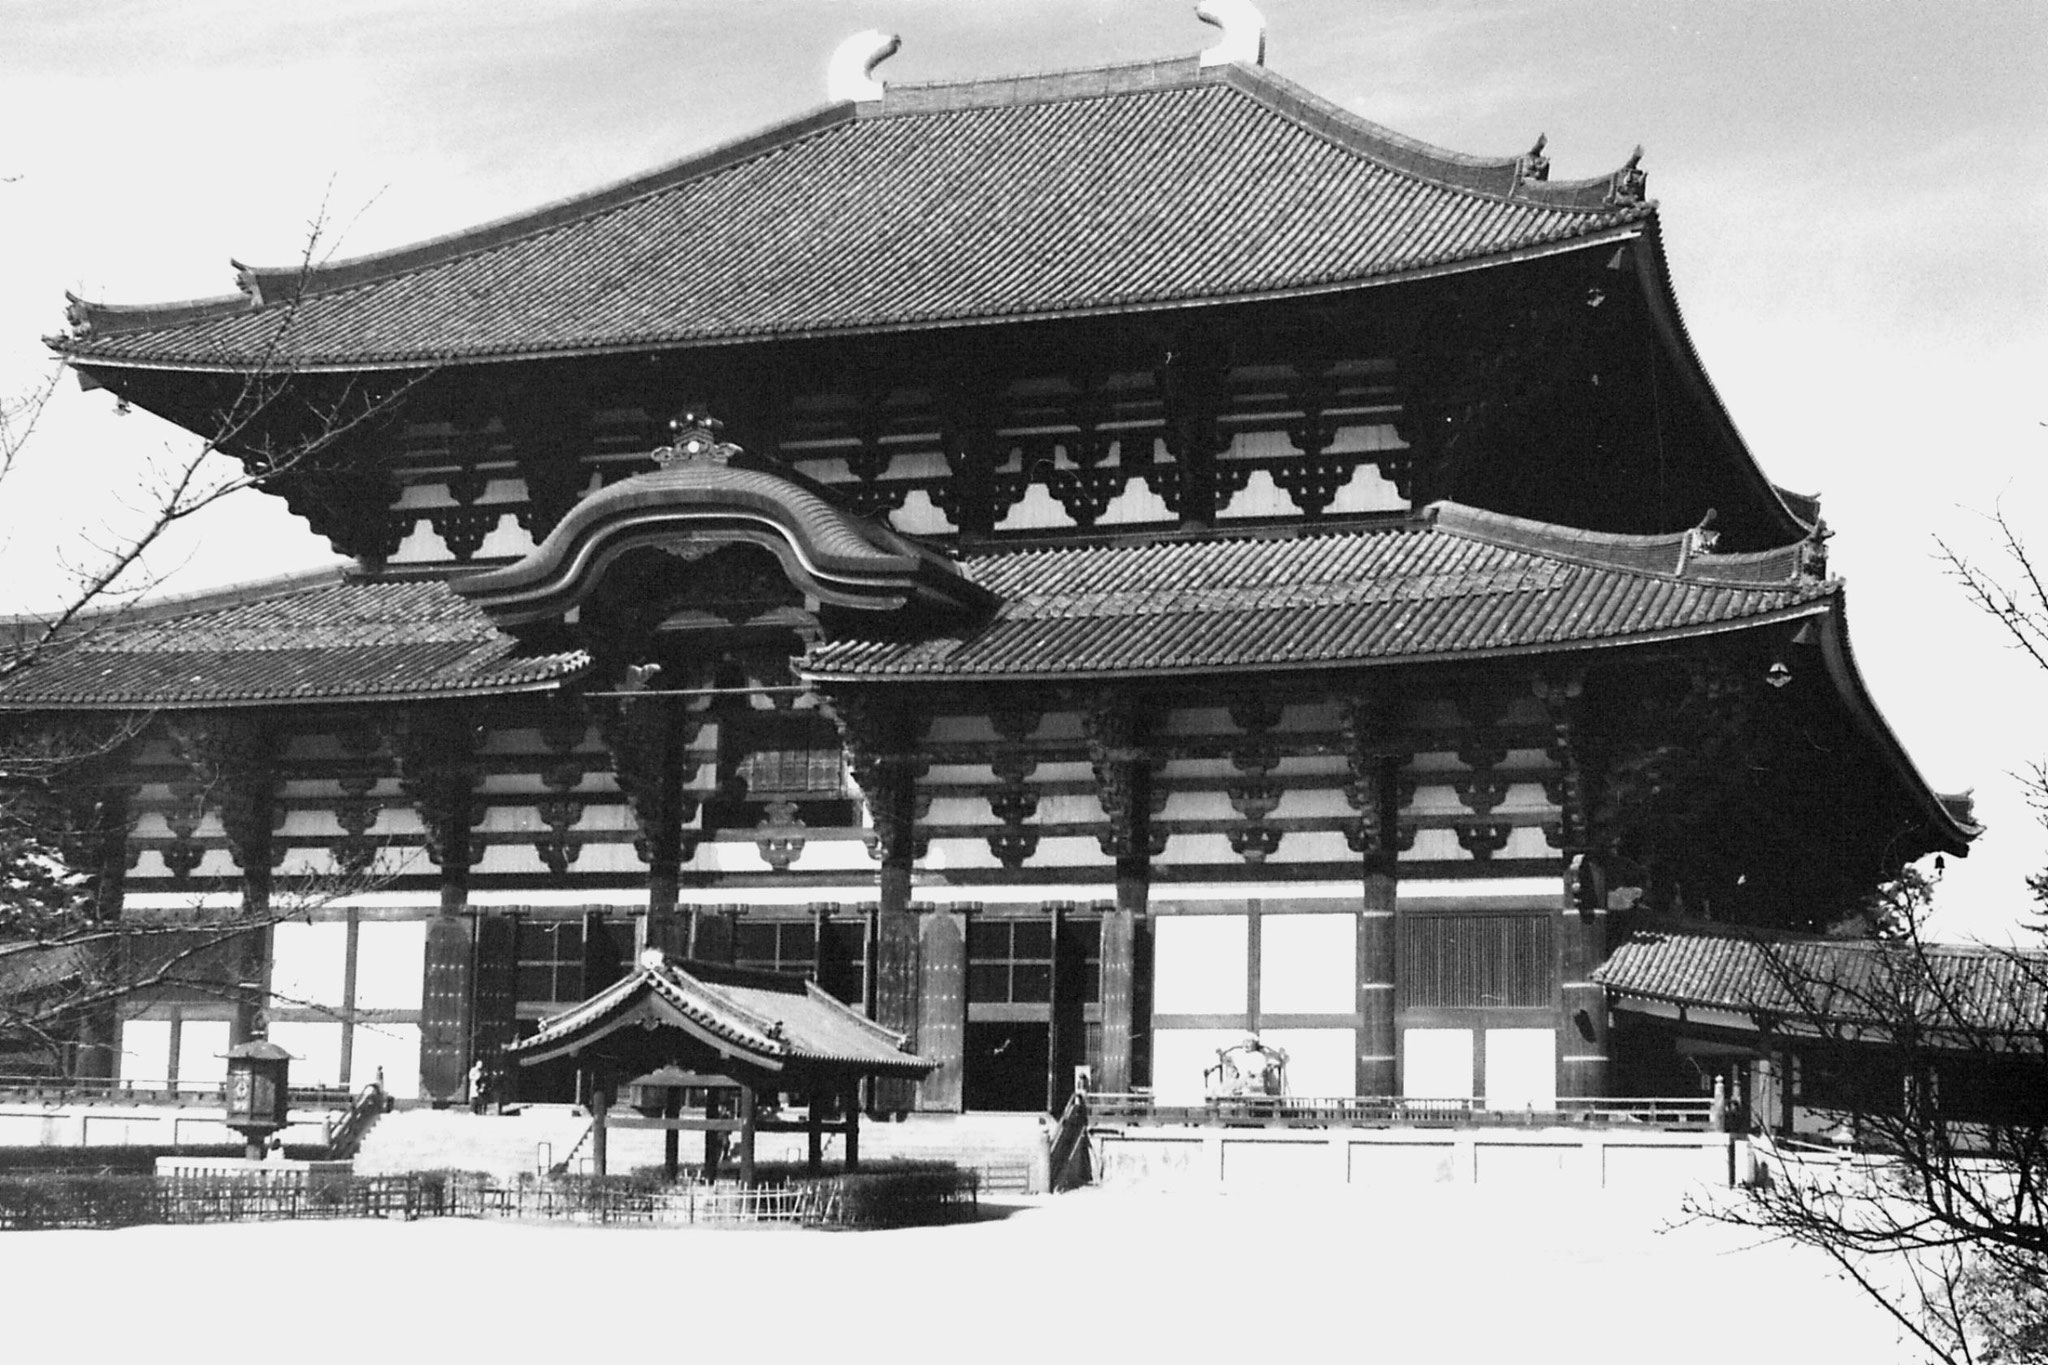 25/1/1989: 36:Nara, Kaidan-in